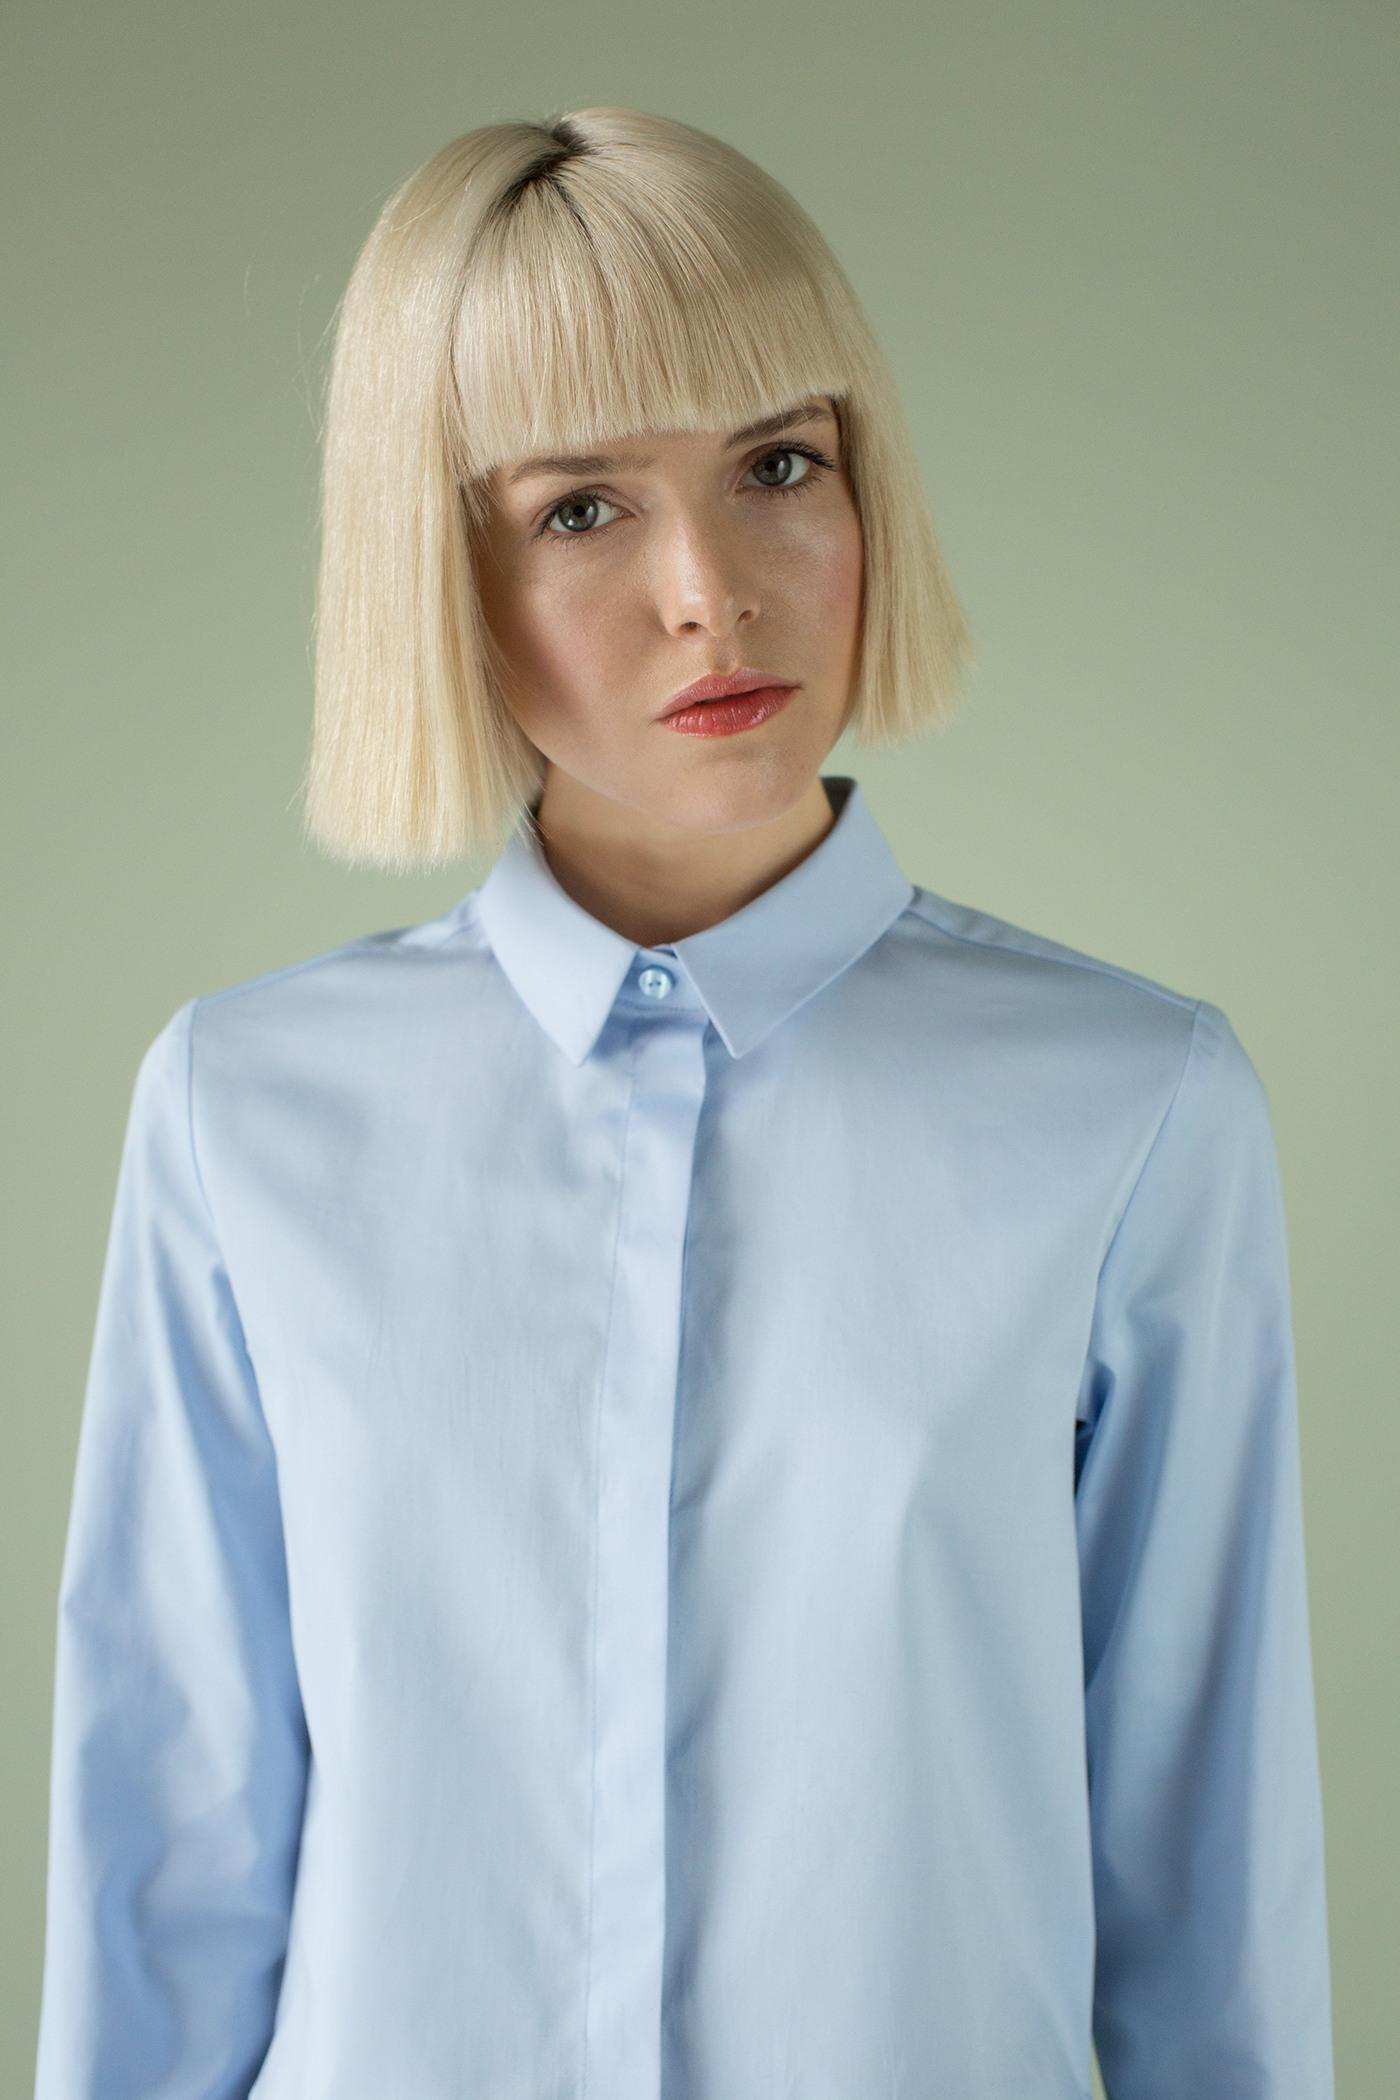 РубашкаРубашка из хлопка прямого силуэта с удлиненной спинкой.&#13;<br>&#13;<br>&#13;<br>центральная застежка (двойная планка со скрытыми пуговицами).&#13;<br>&#13;<br>плечевой шов немного смещён на переднюю часть.&#13;<br>&#13;<br>cпинка с кокеткой.&#13;<br>&#13;<br>воротник стойка с отложным воротничком.&#13;<br>&#13;<br>длина рукава до запястья, с манжетой и планкой&#13;<br>&#13;<br>спинка длиннее переда на 9 см&#13;<br>&#13;<br>низ обработан обтачкой (разрезы по бокам)&#13;<br>&#13;<br>&#13;<br> &#13;<br>&#13;<br>Длина по спинке-65см&#13;<br>&#13;<br>Длина переда (по центру) – 51 см<br><br>Цвет: Васильковый<br>Размер: XS, S, M, L